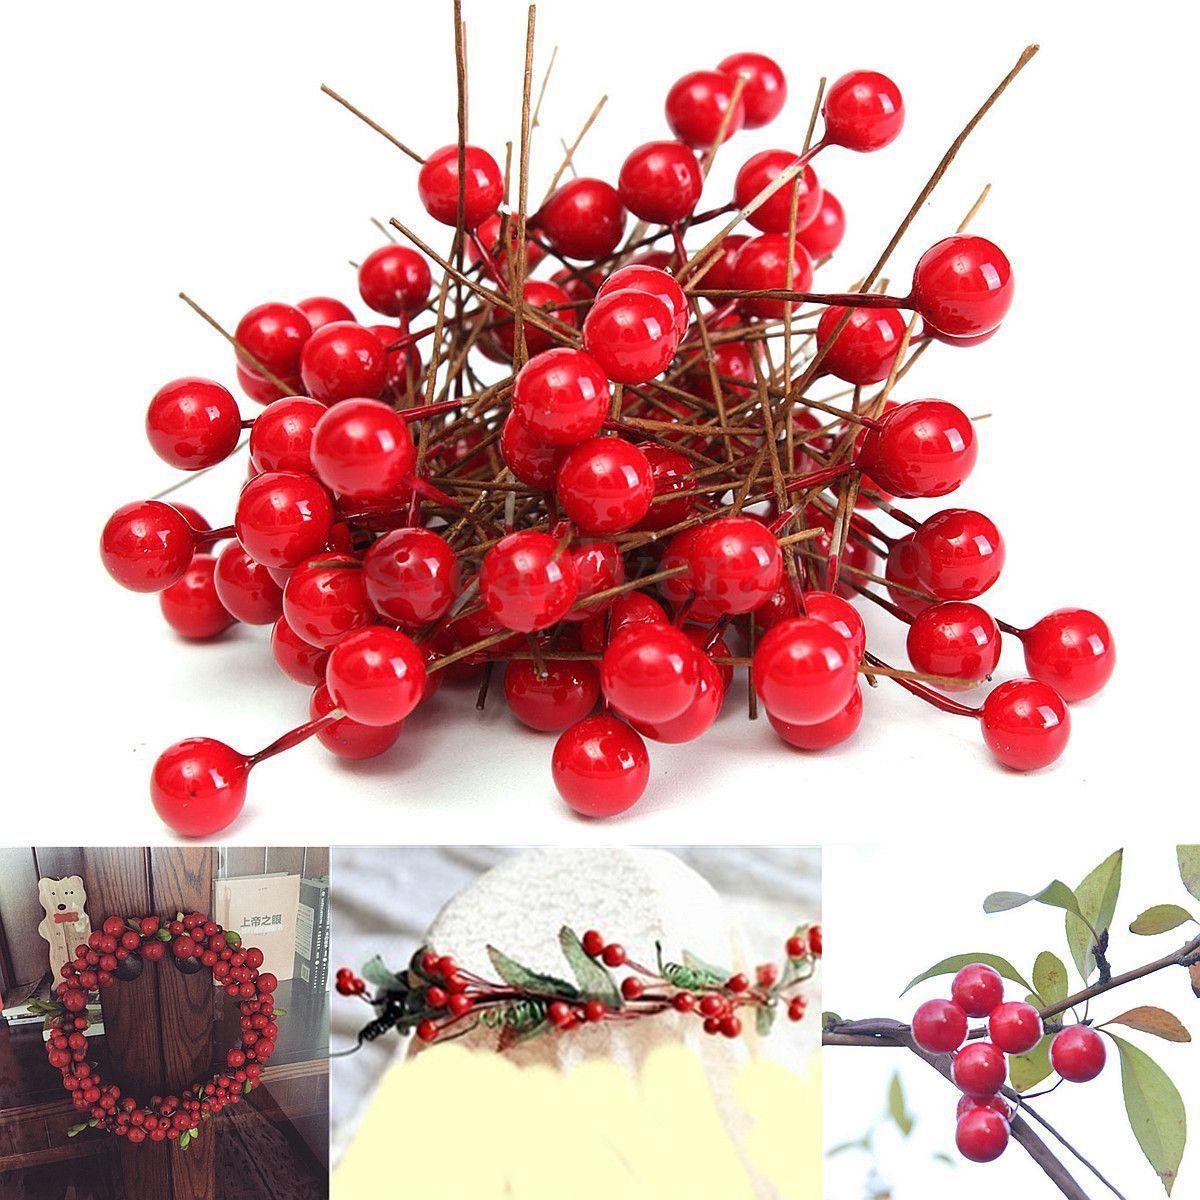 도매 - 90pcs / Lot 빨간 크리스마스 인공 과일 베리 홀리 꽃 DIY 공예 홈 결혼식 크리스마스 파티 장식 나무 장식을 선택하십시오